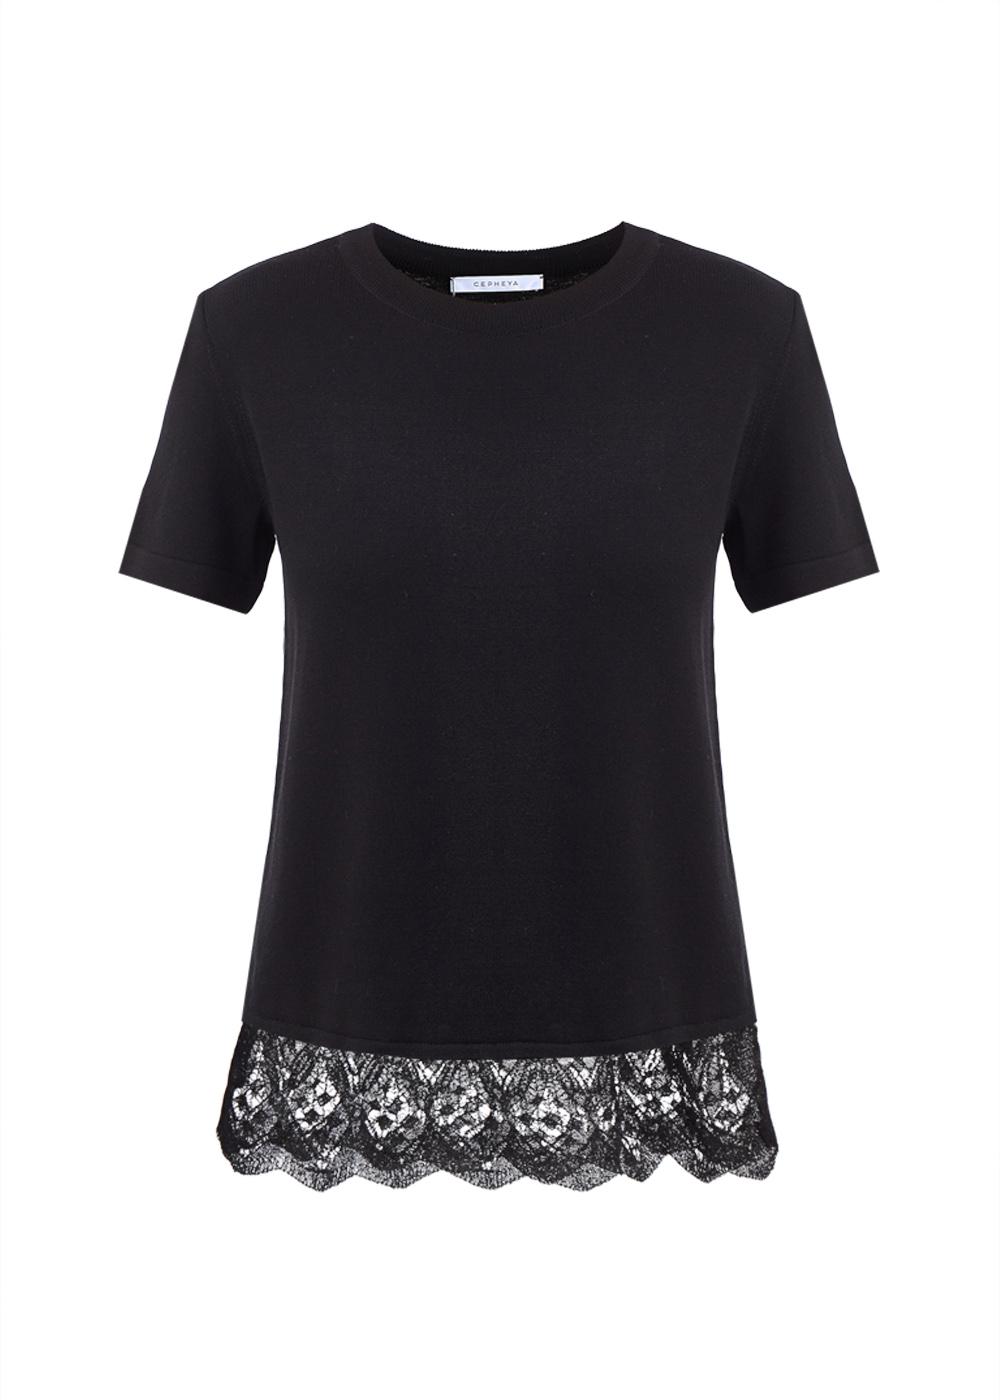 Купить CEPHEYA блузка